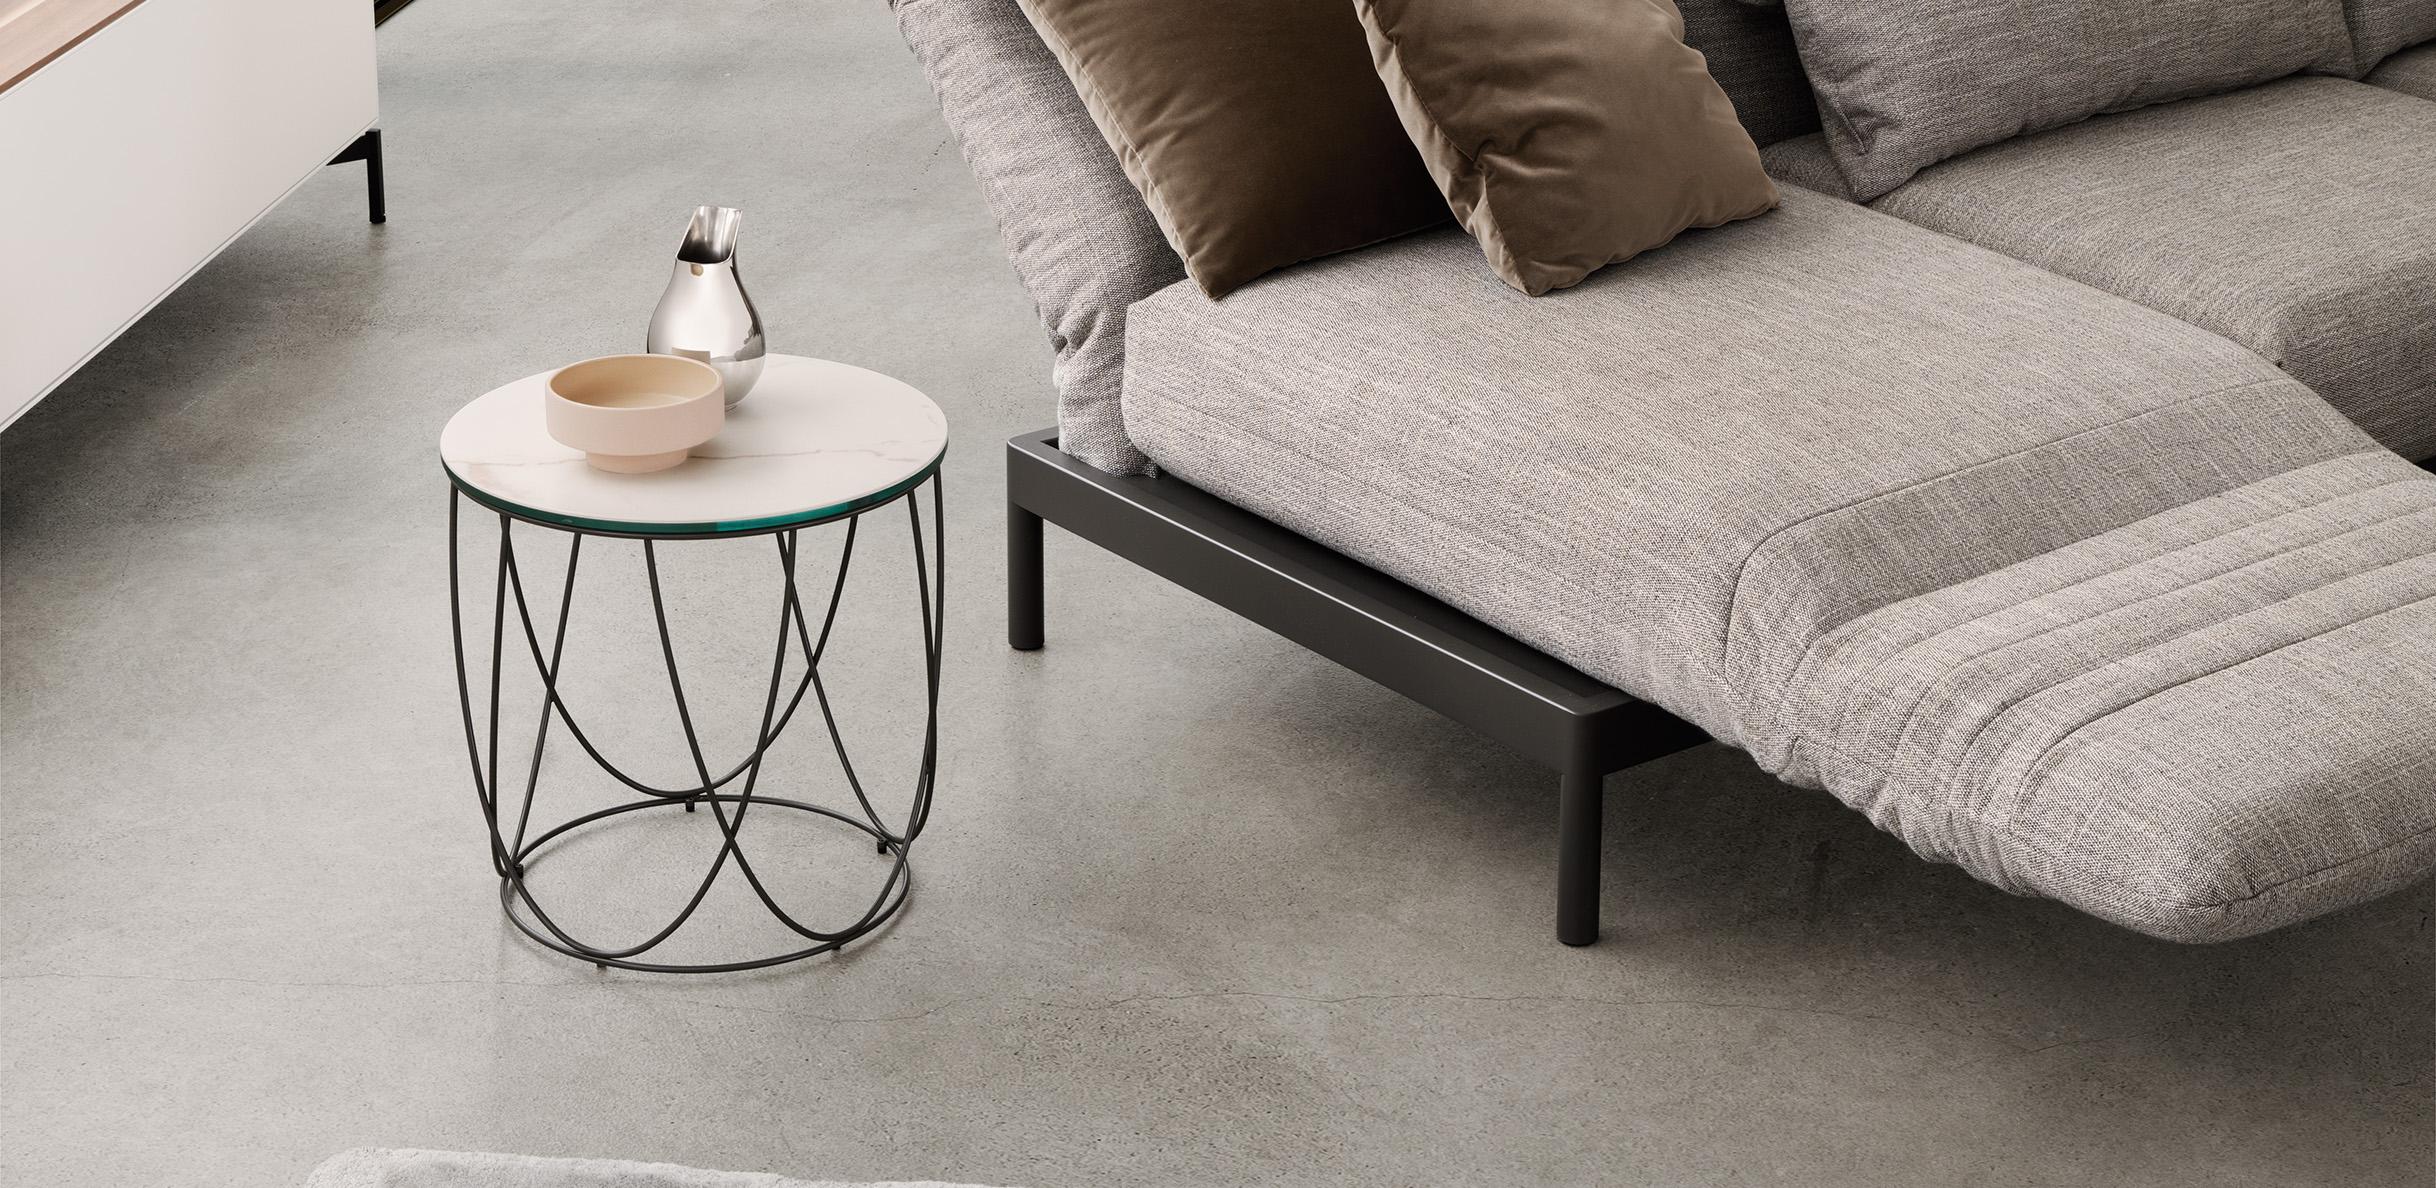 table basse rolf benz ct rb 8770 meubles bise. Black Bedroom Furniture Sets. Home Design Ideas